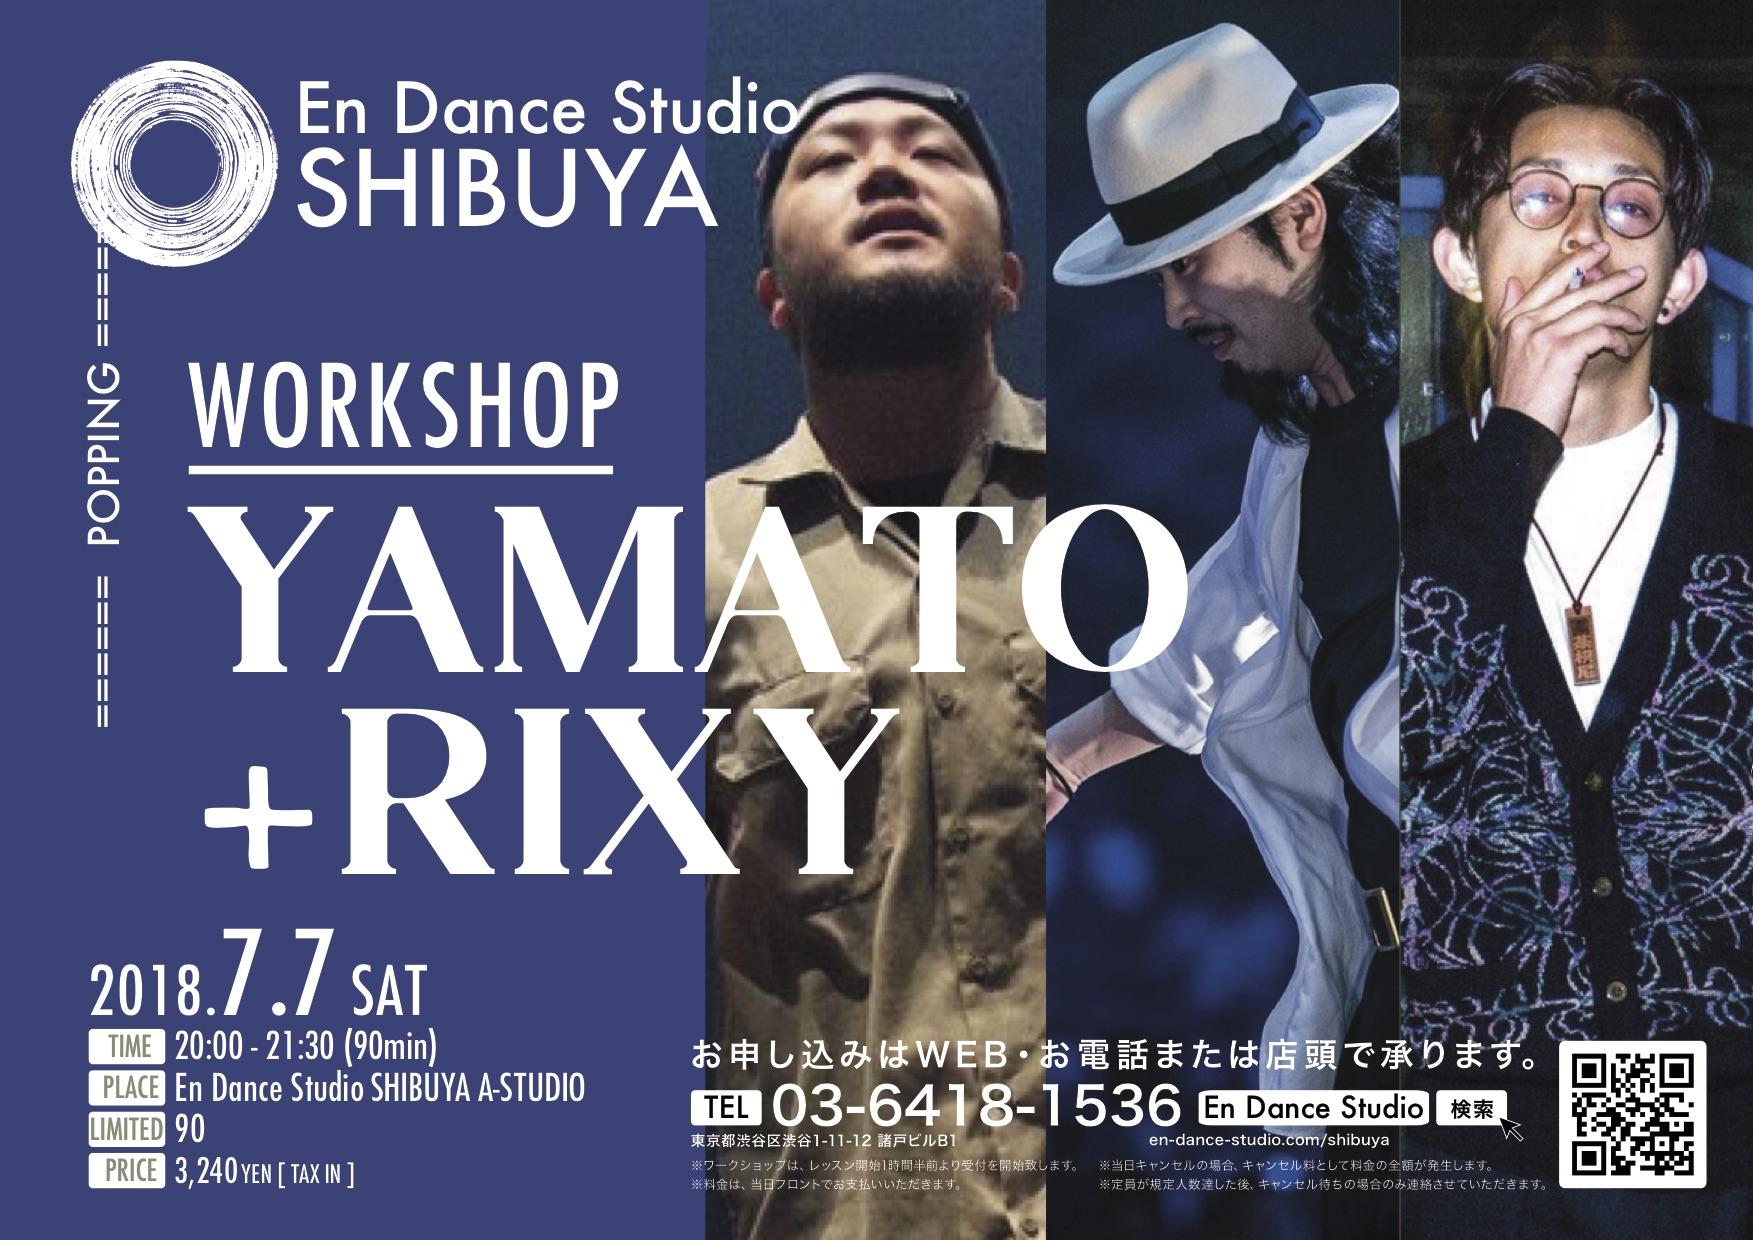 YAMATO+RIXY